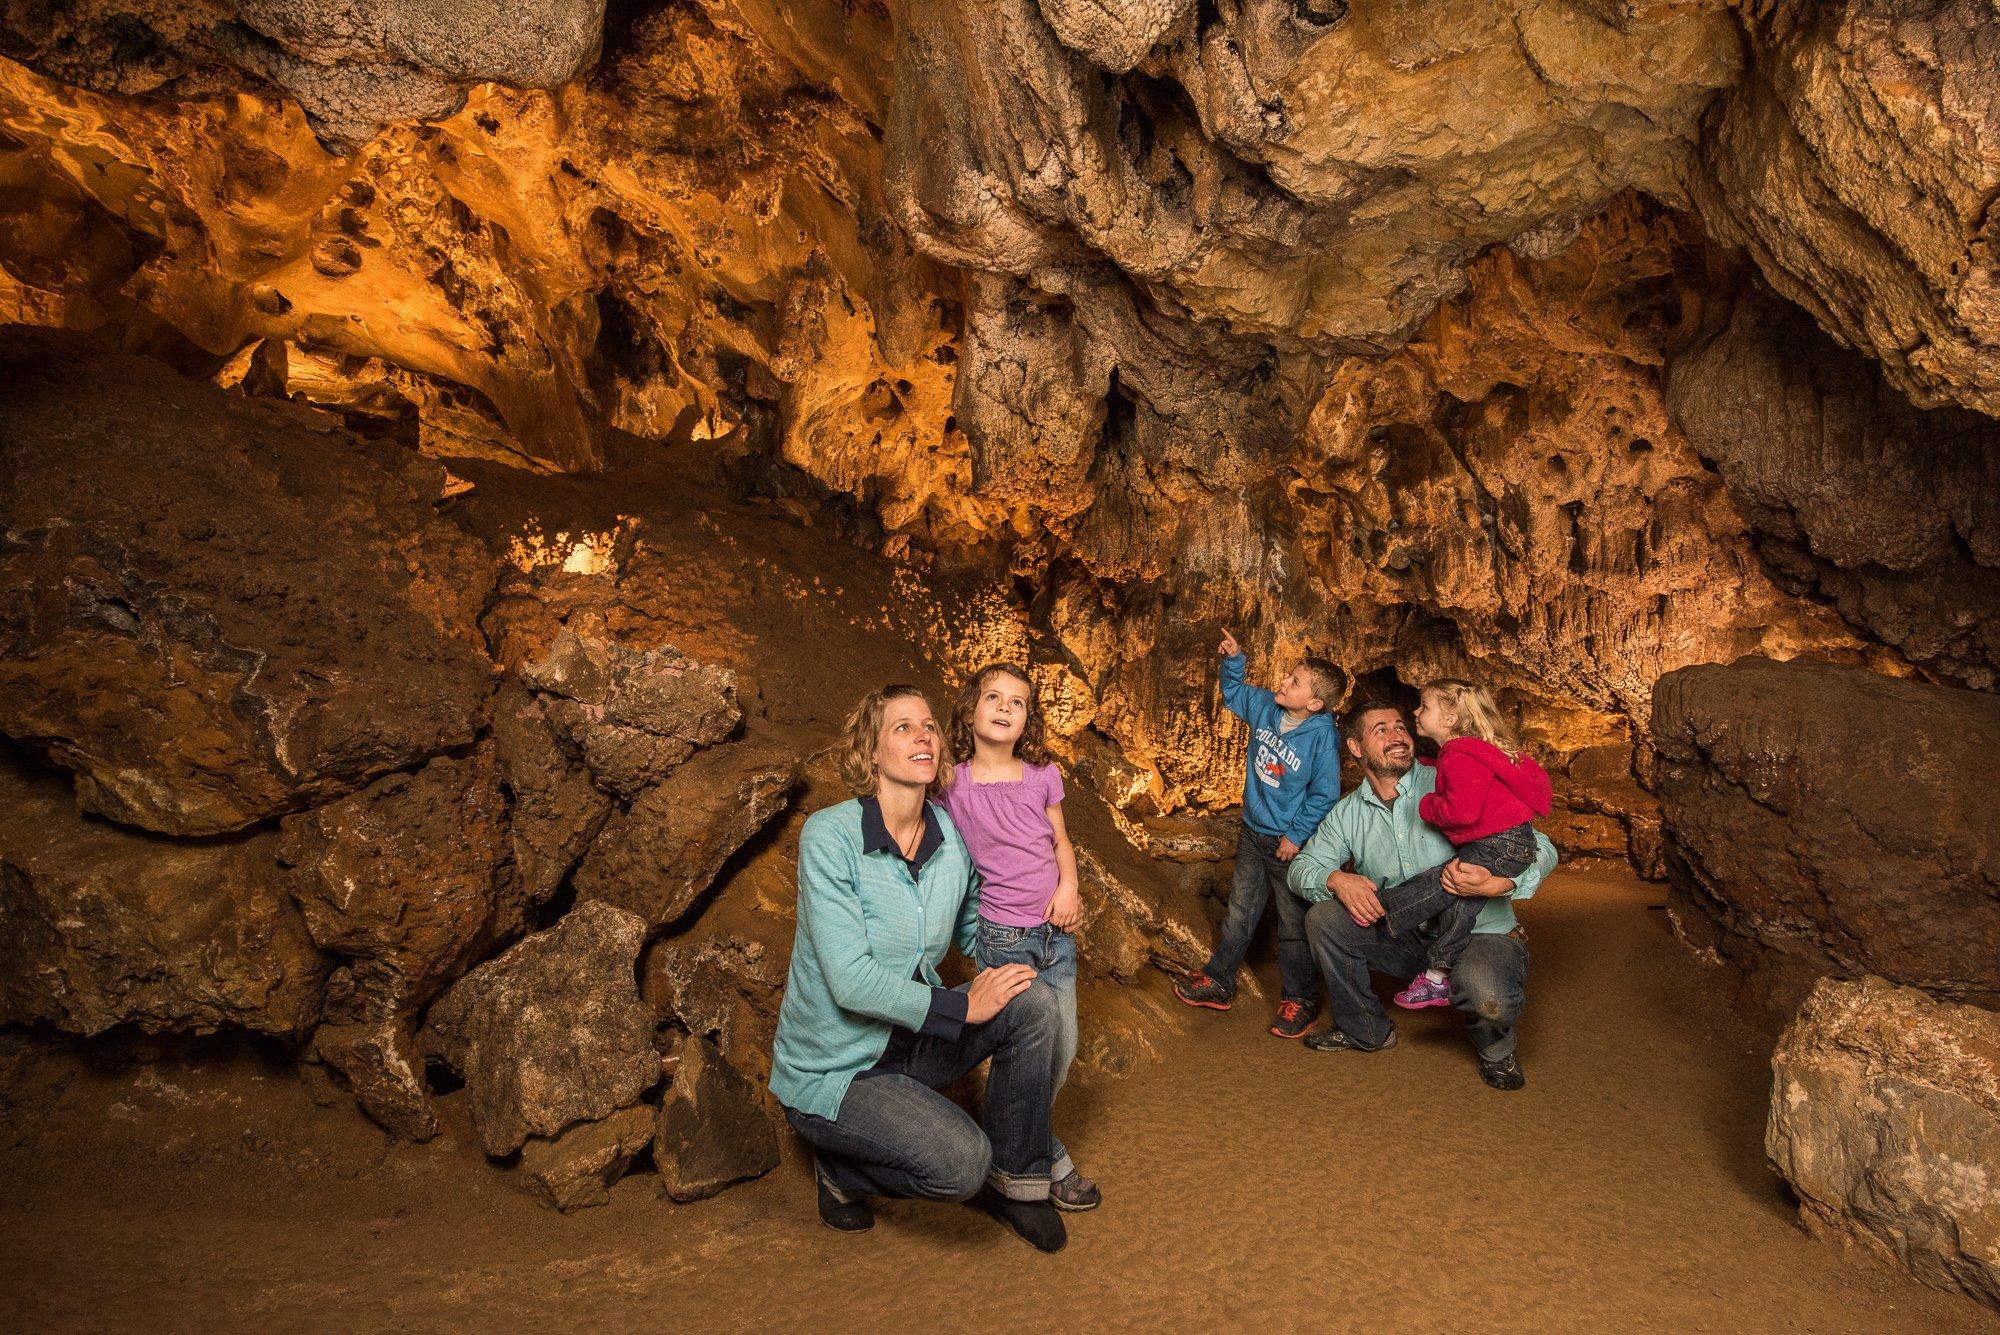 Glenwood Caverns Adventure Park Glenwood Springs Co